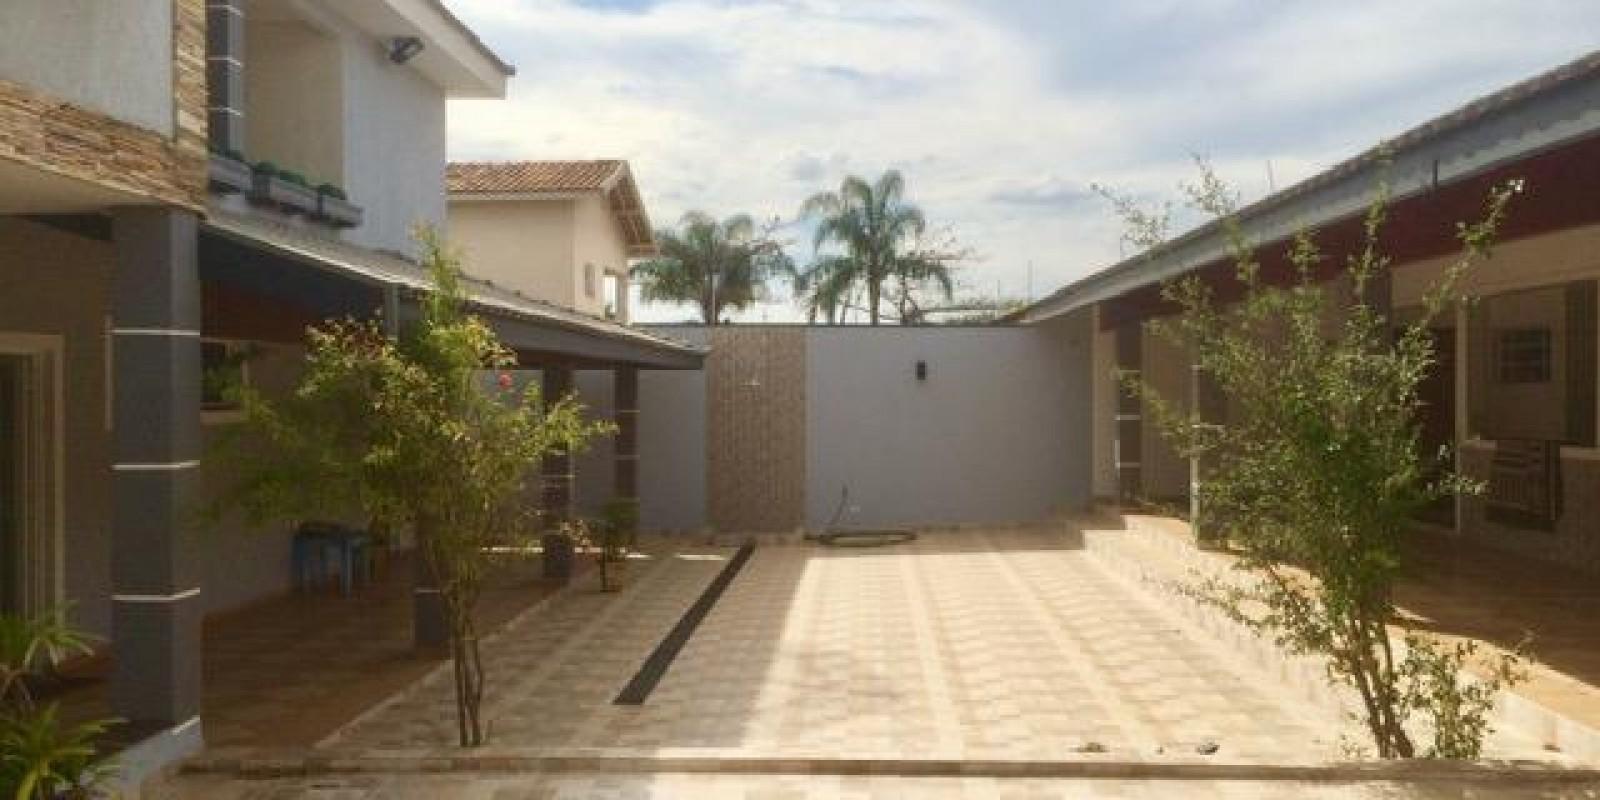 Casa no Bairro Jardim São Paulo em Avaré SP - Foto 4 de 20